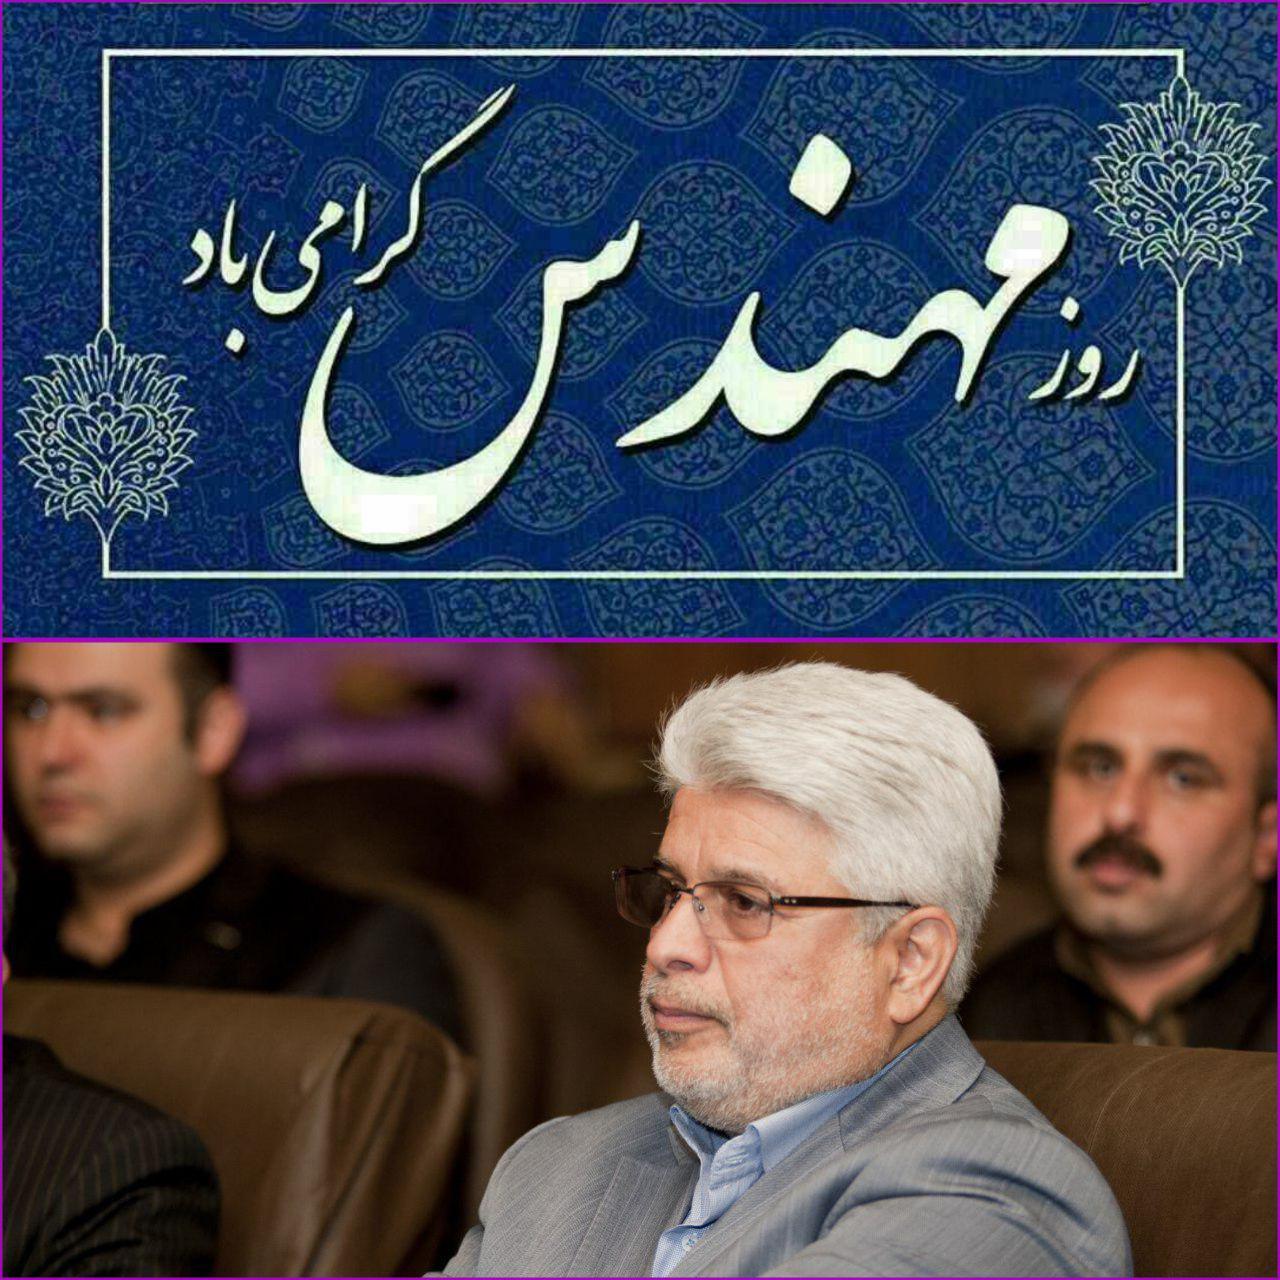 محمد حسن عاقل منش رئیس کمیسیون فرهنگی روز مهندس را تبریک گفت